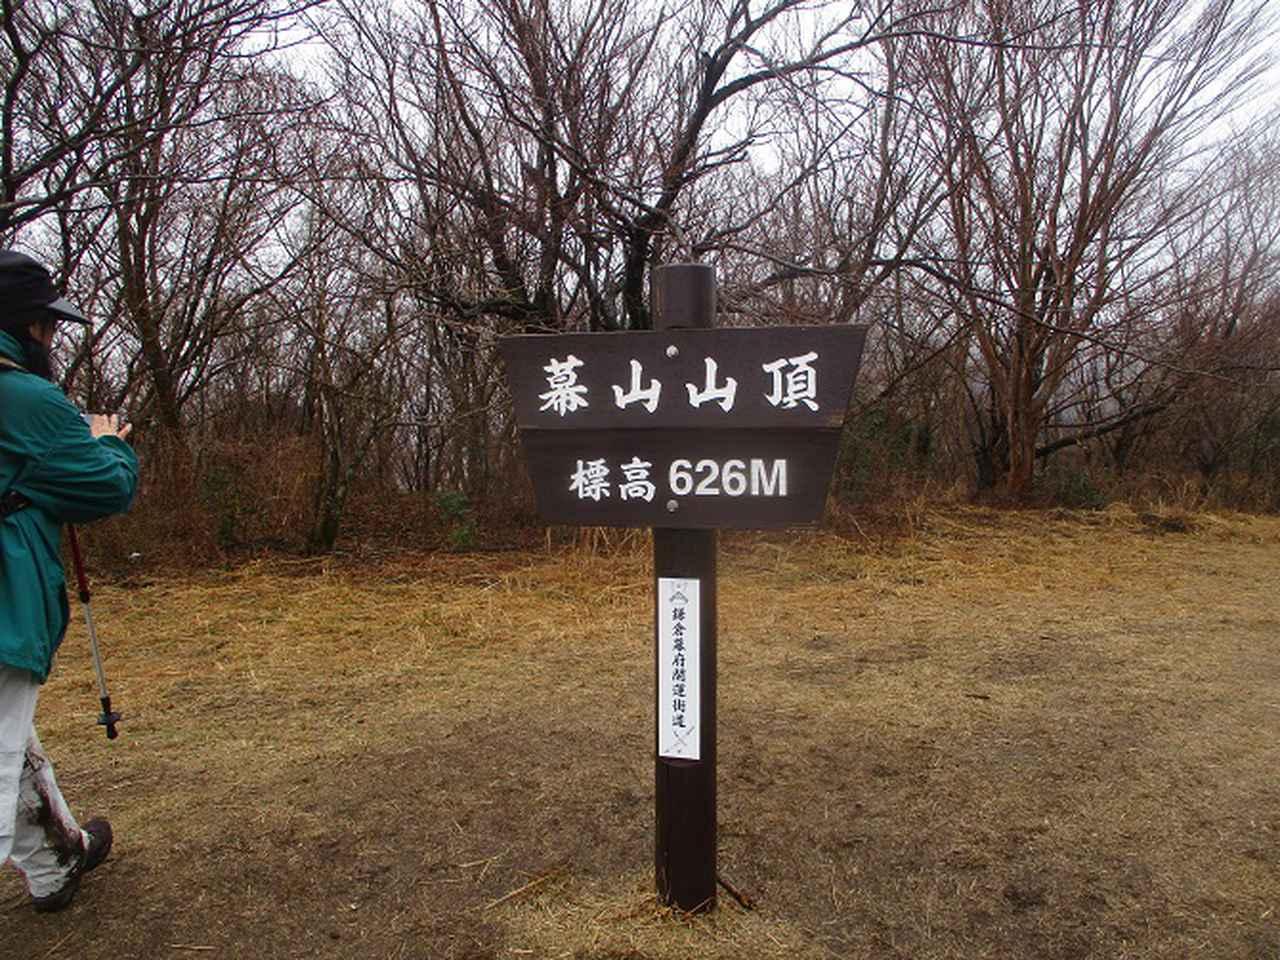 画像7: 3月2日に山旅会 幕山と南郷山 ツアーに行ってきました!